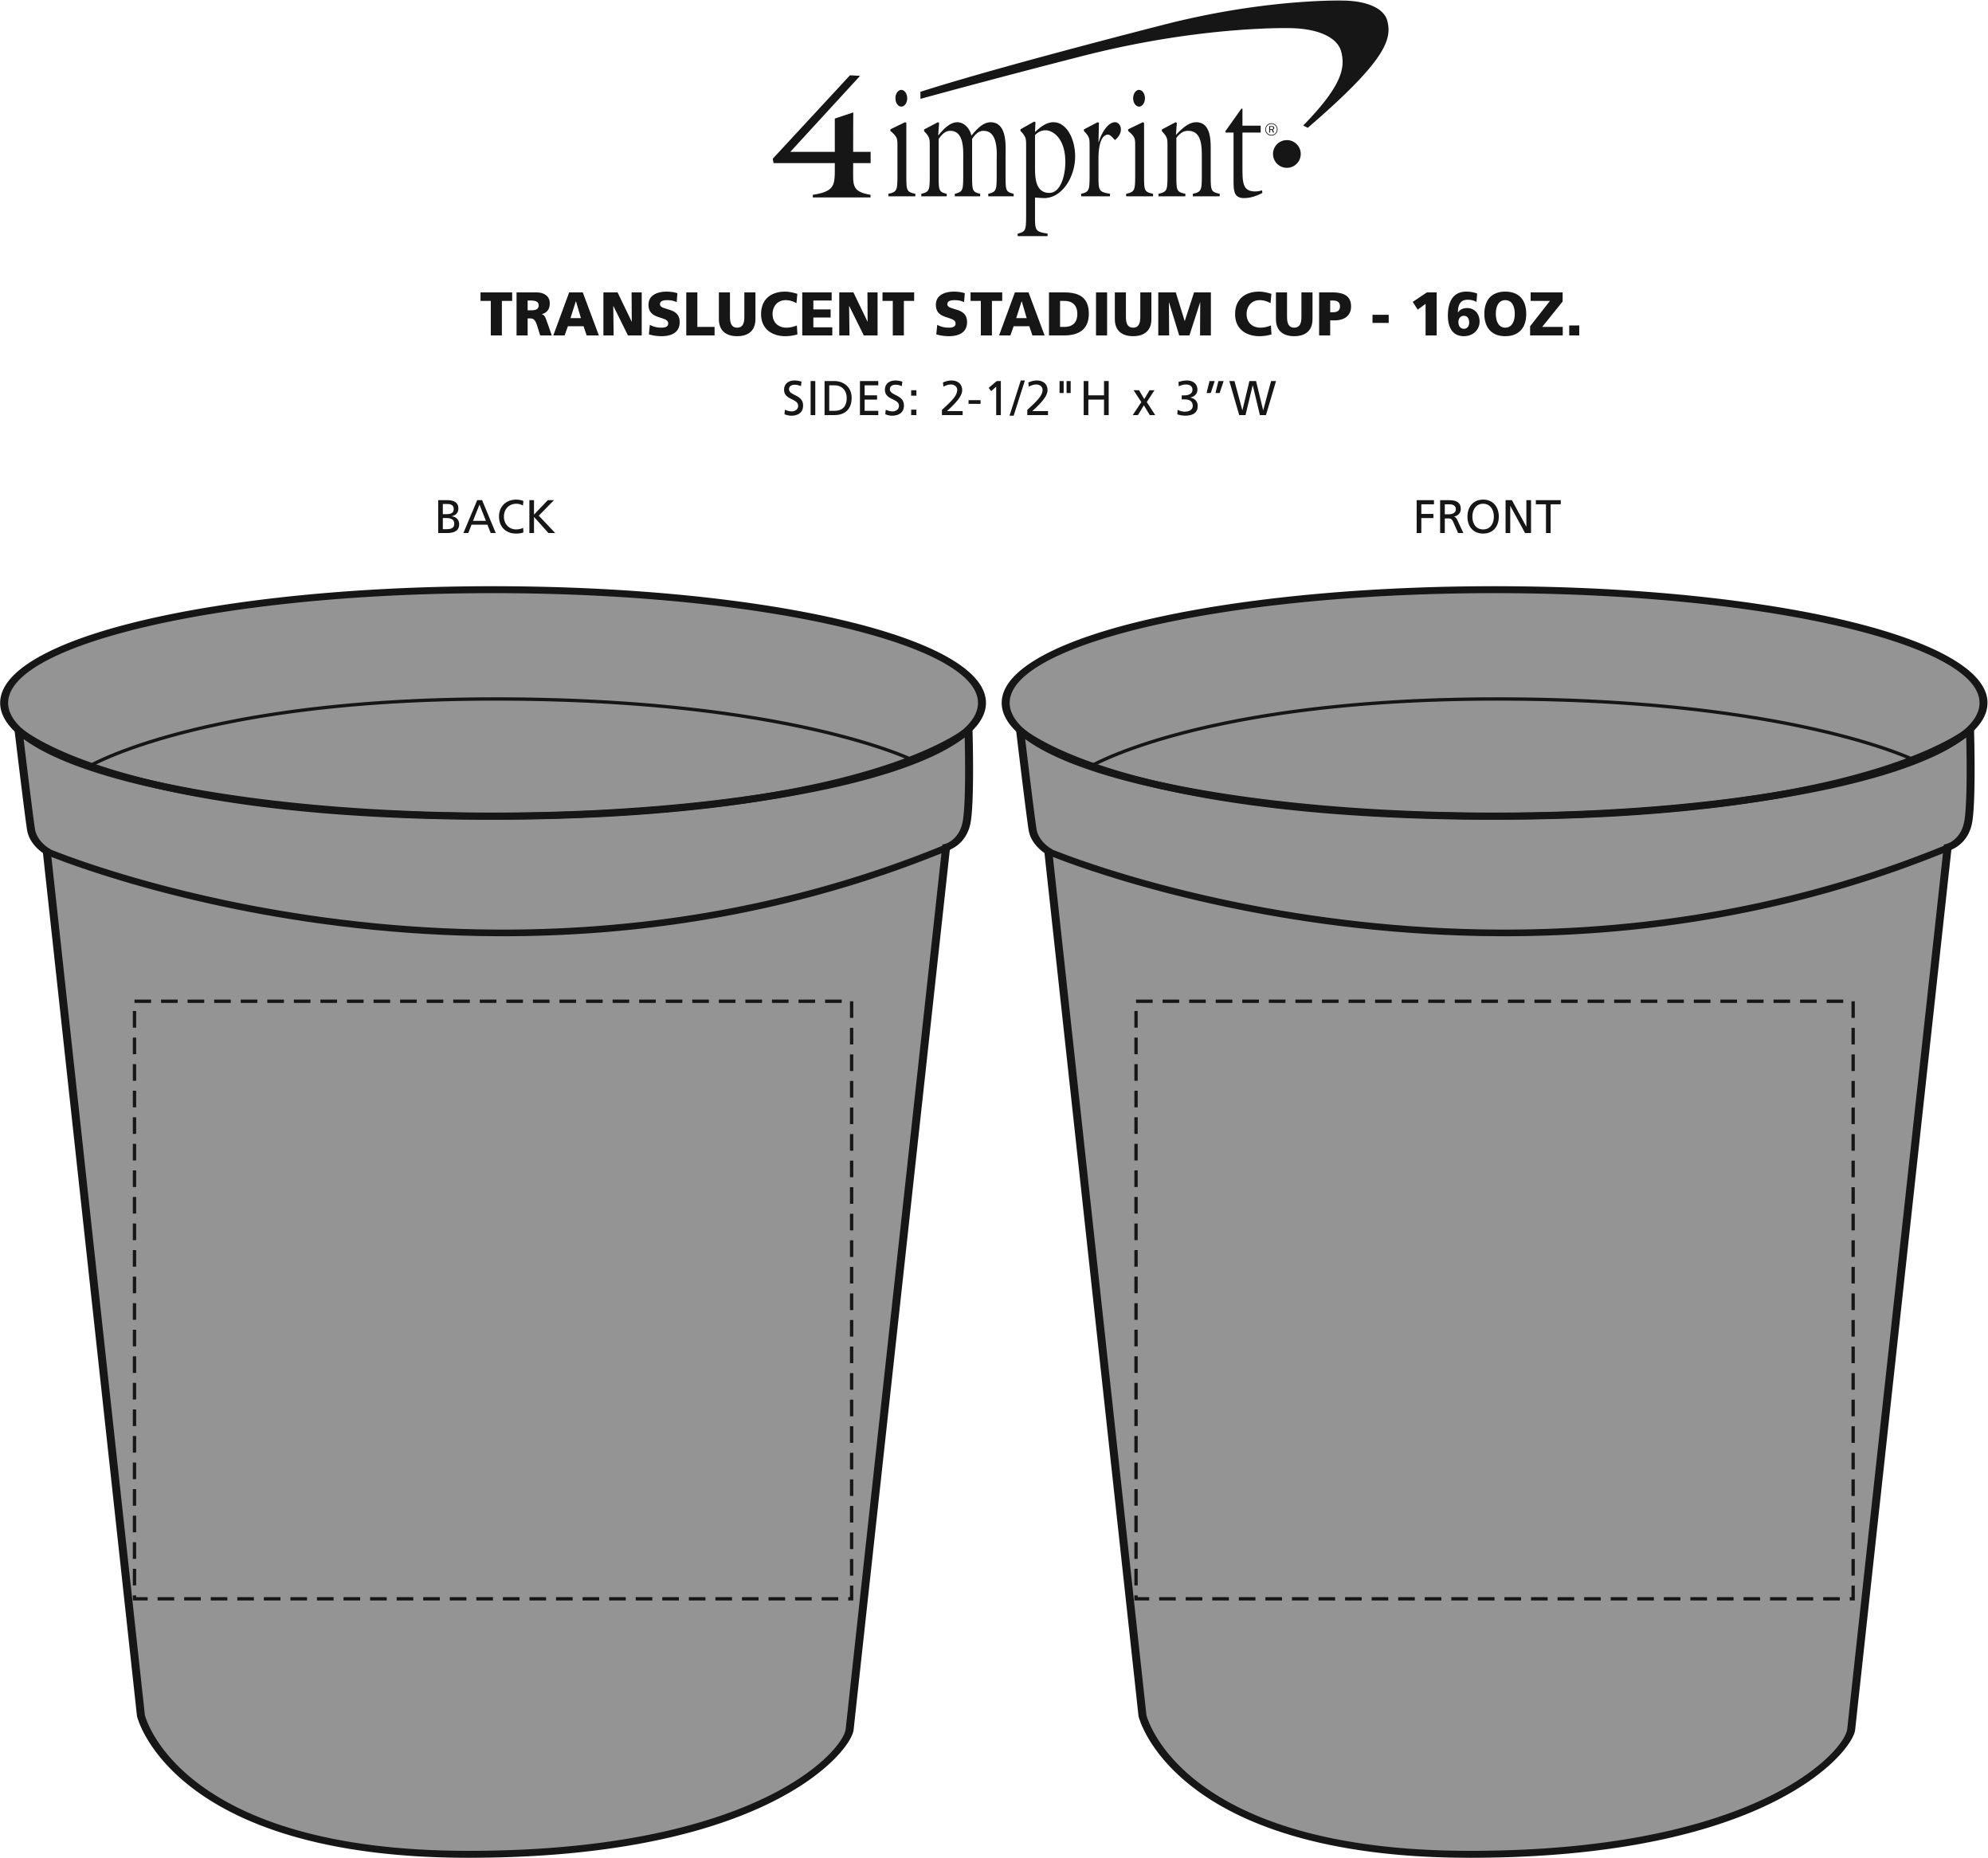 Imprint Area of Translucent Stadium Cup - 16 oz.